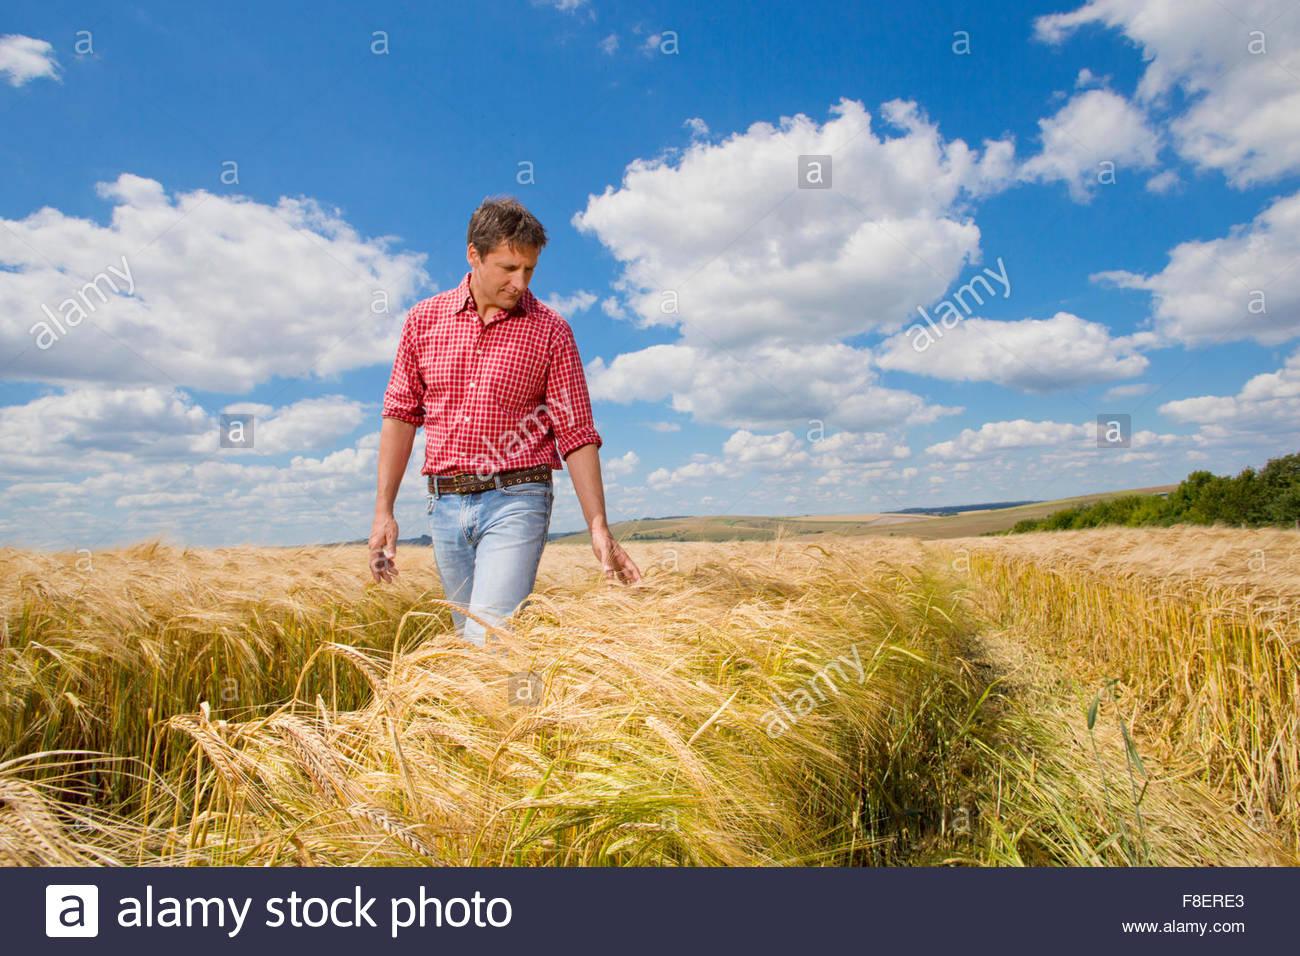 L'examen des agriculteurs ruraux ensoleillée en été sur le terrain de la récolte d'orge Photo Stock